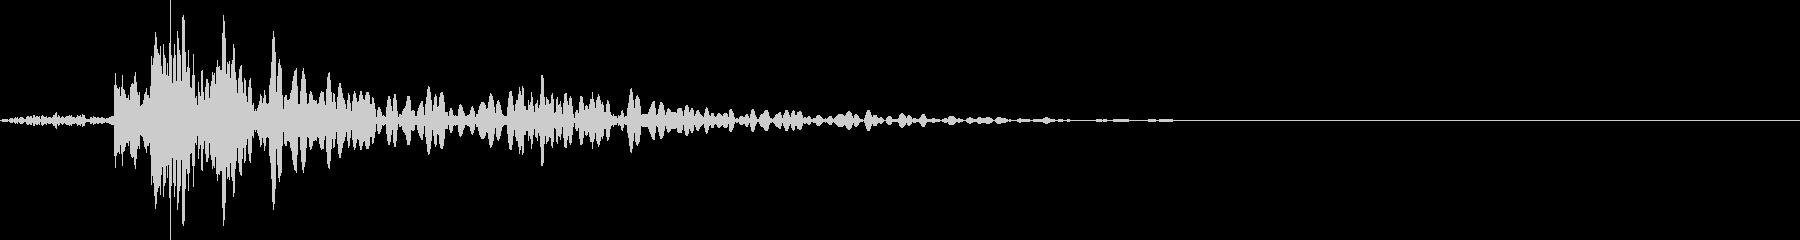 シュボボン(手榴弾・ボム・爆破攻撃)の未再生の波形